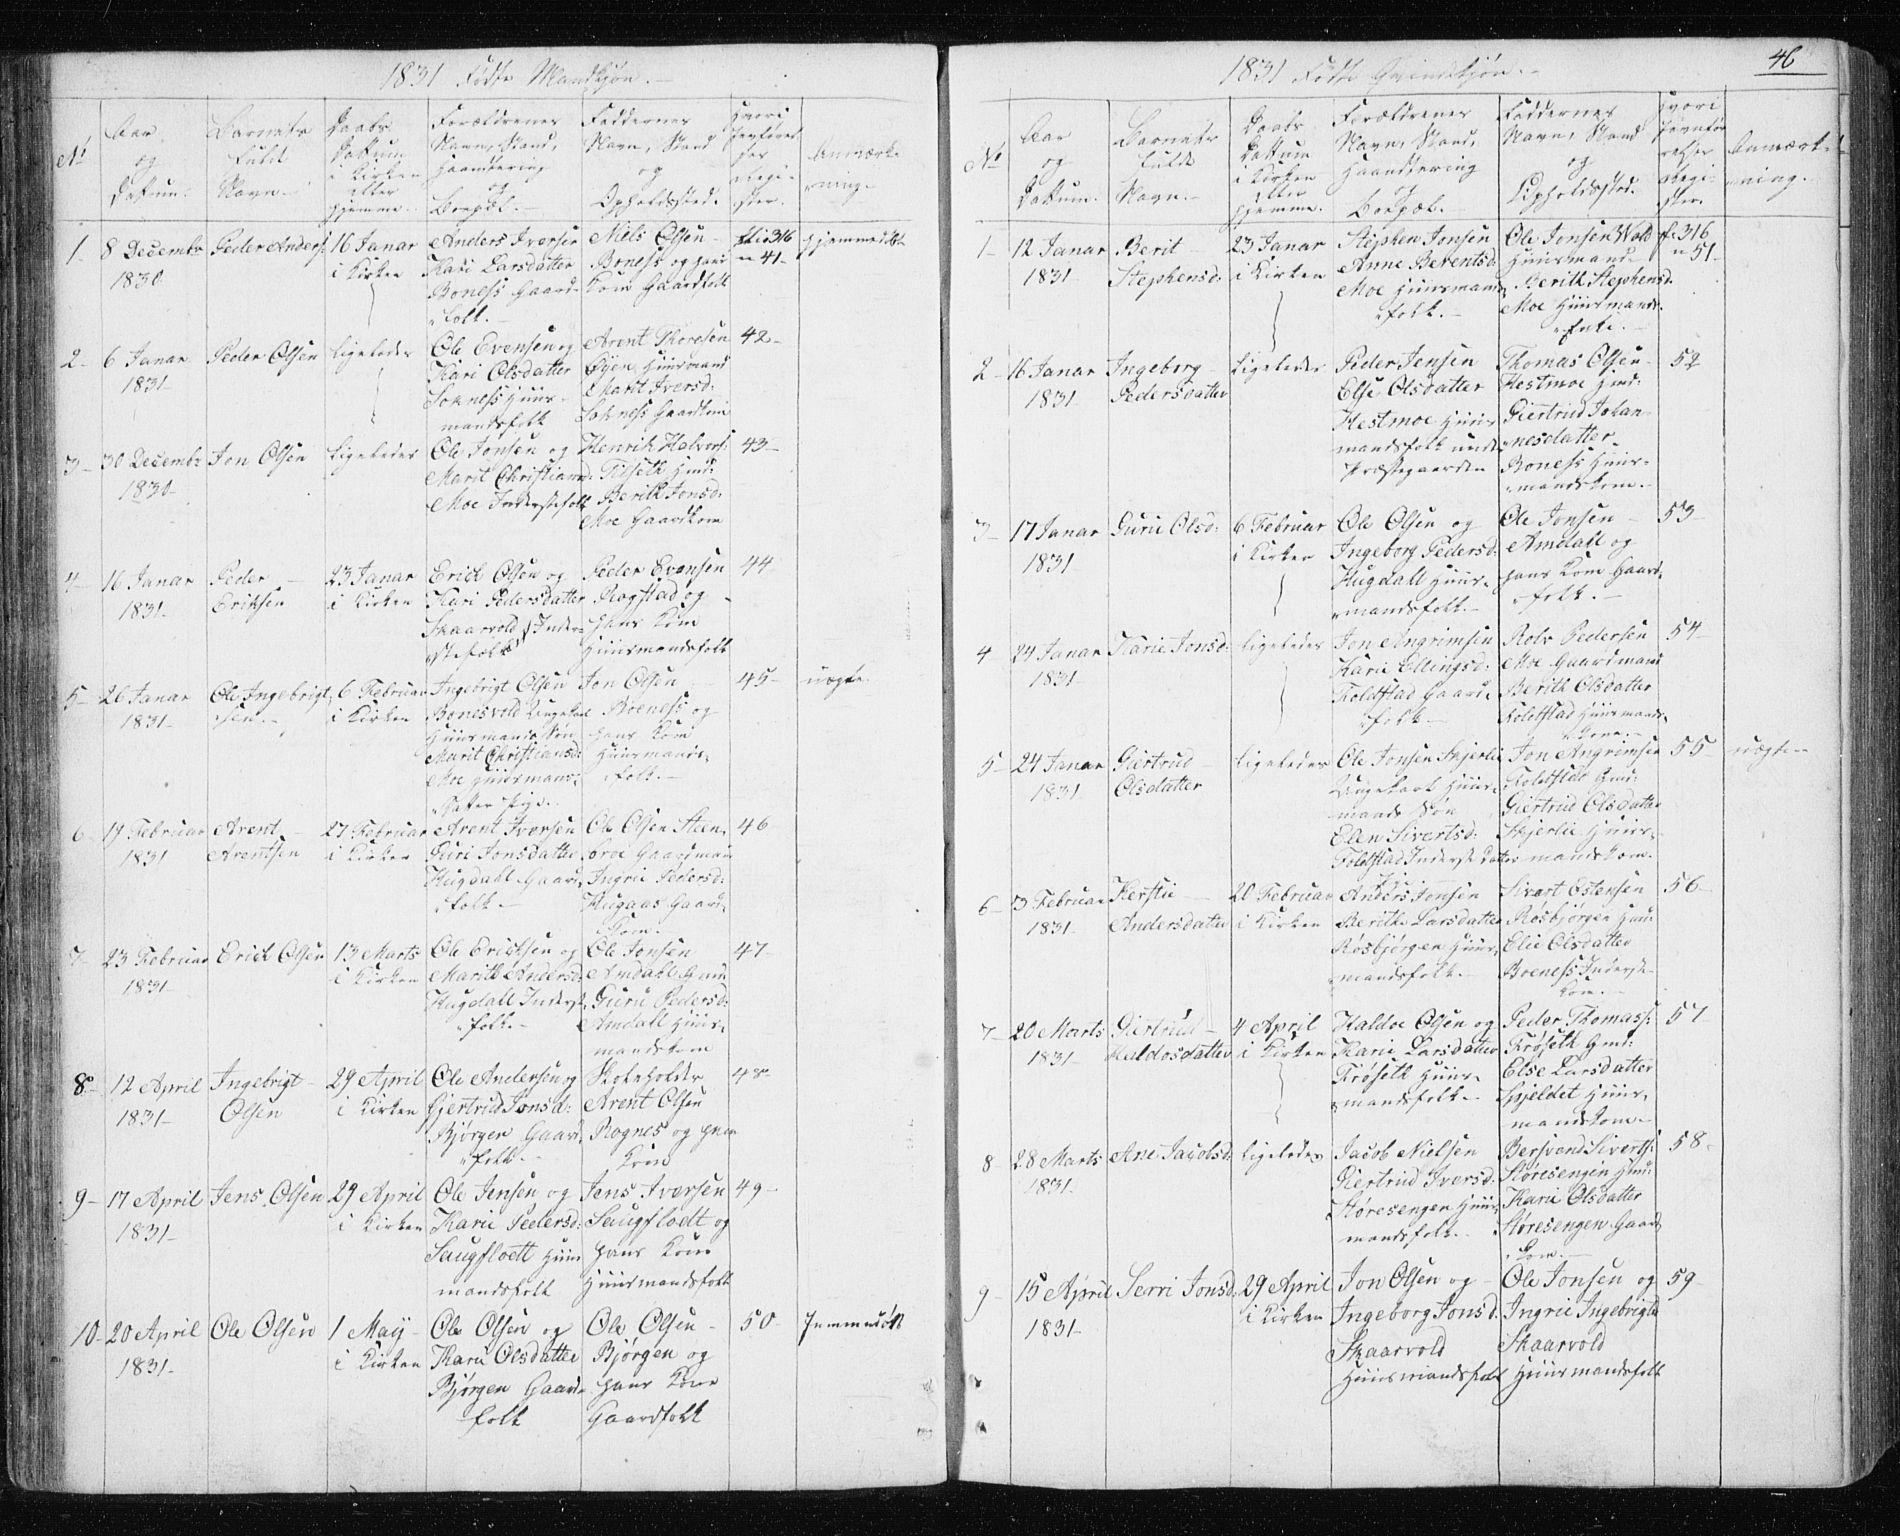 SAT, Ministerialprotokoller, klokkerbøker og fødselsregistre - Sør-Trøndelag, 687/L1017: Klokkerbok nr. 687C01, 1816-1837, s. 46